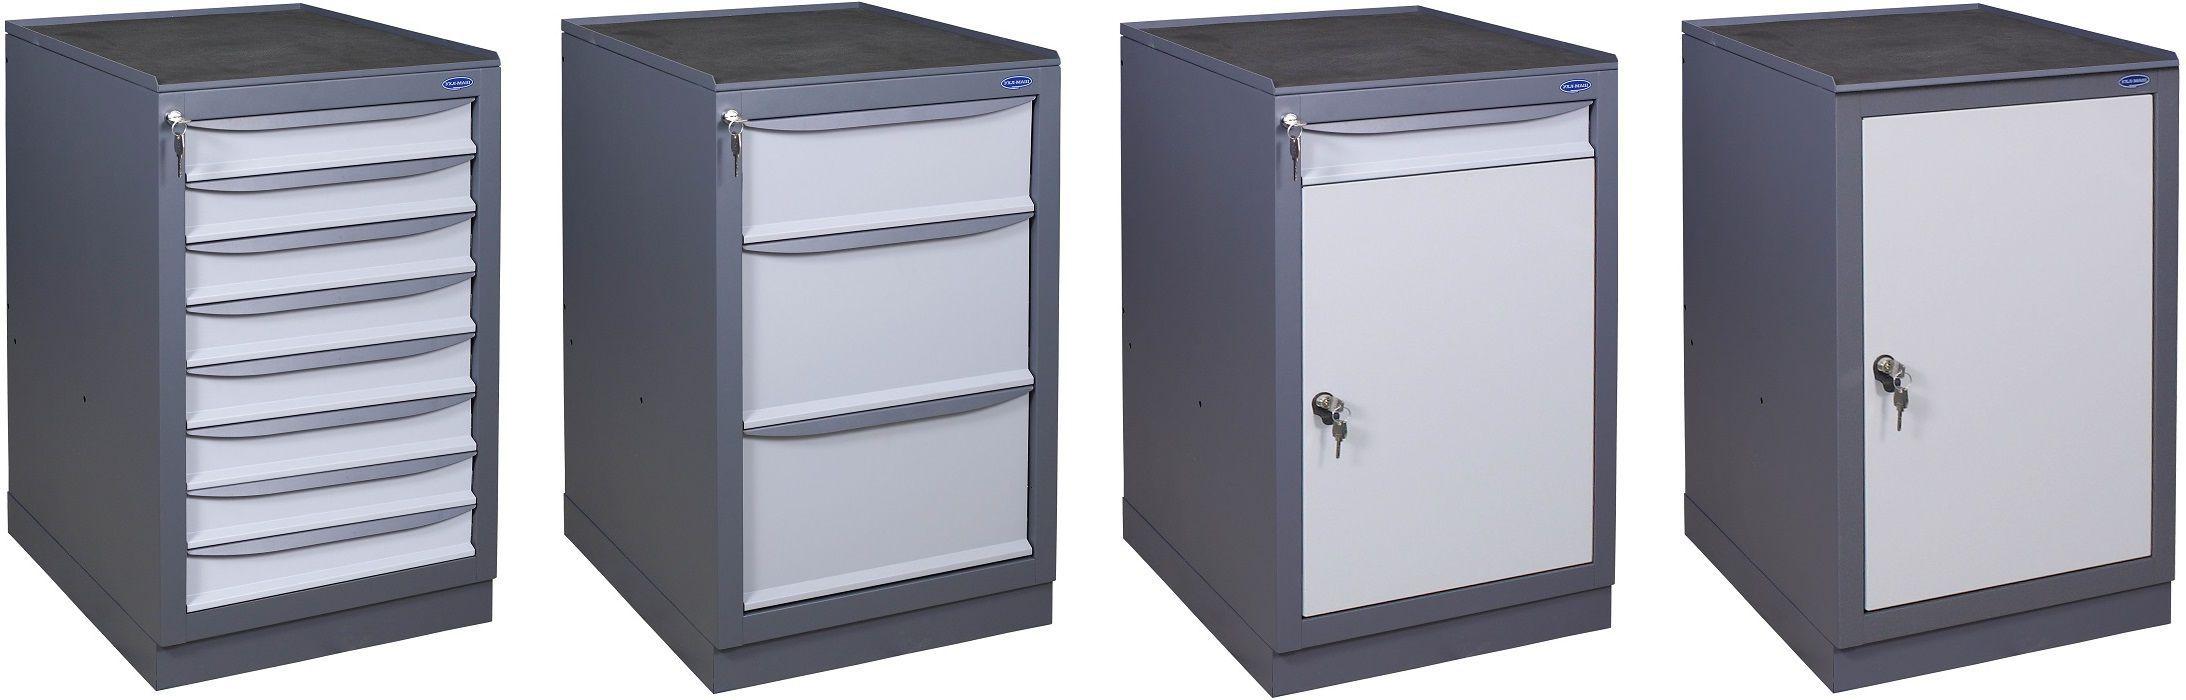 Werkstattschrank / bodenstehend / Schubladen / Metall - PJSC \